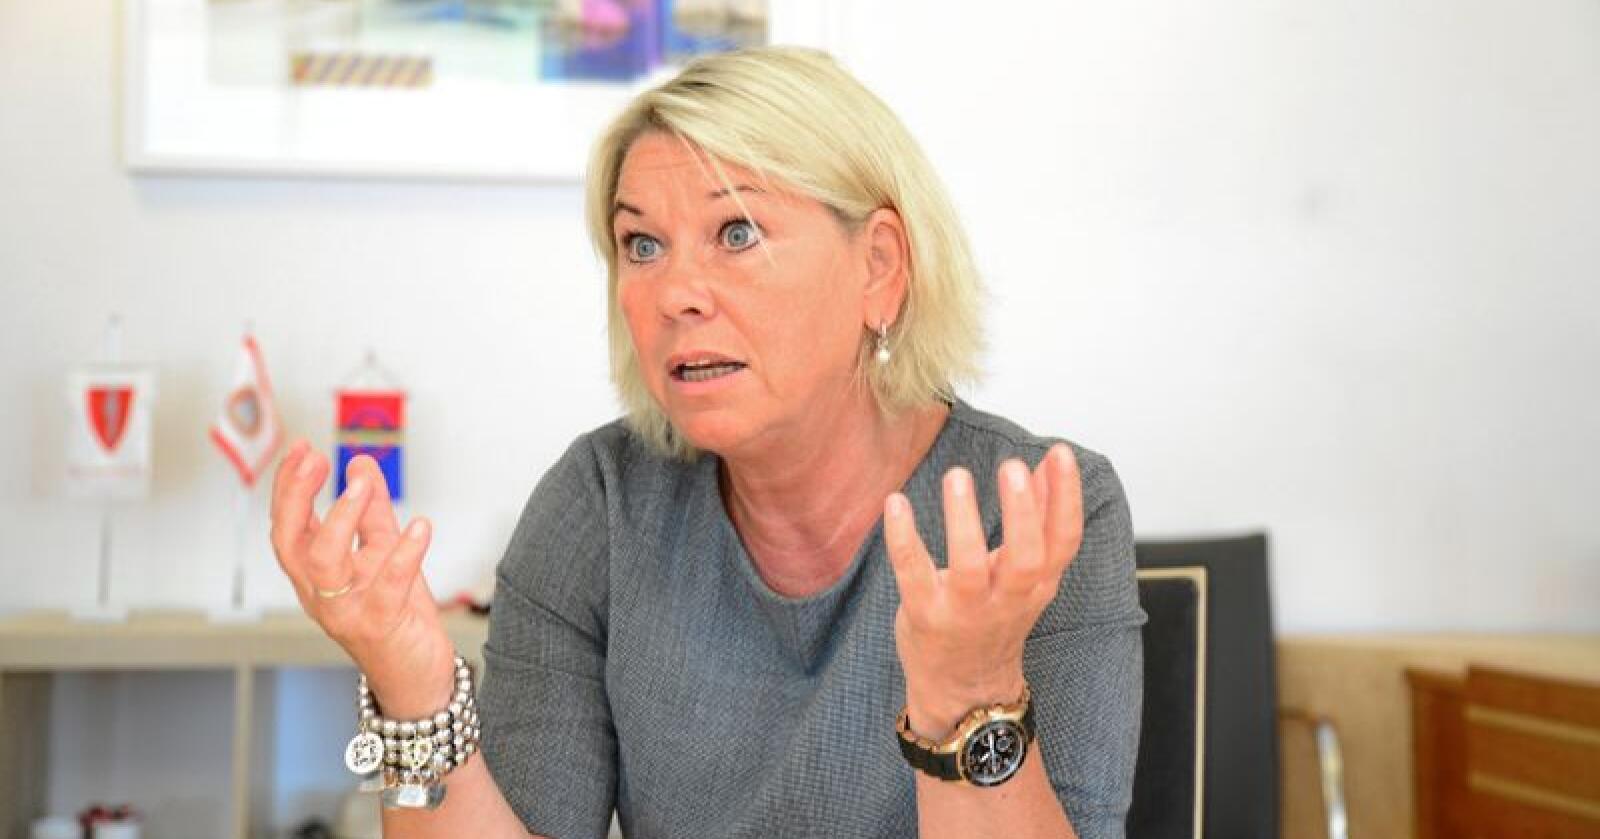 Kommunal- og moderniseringsminister Monica Mæland mener staten ikke skal utvides, men effektiviseres. Foto: Siri Juell Rasmussen